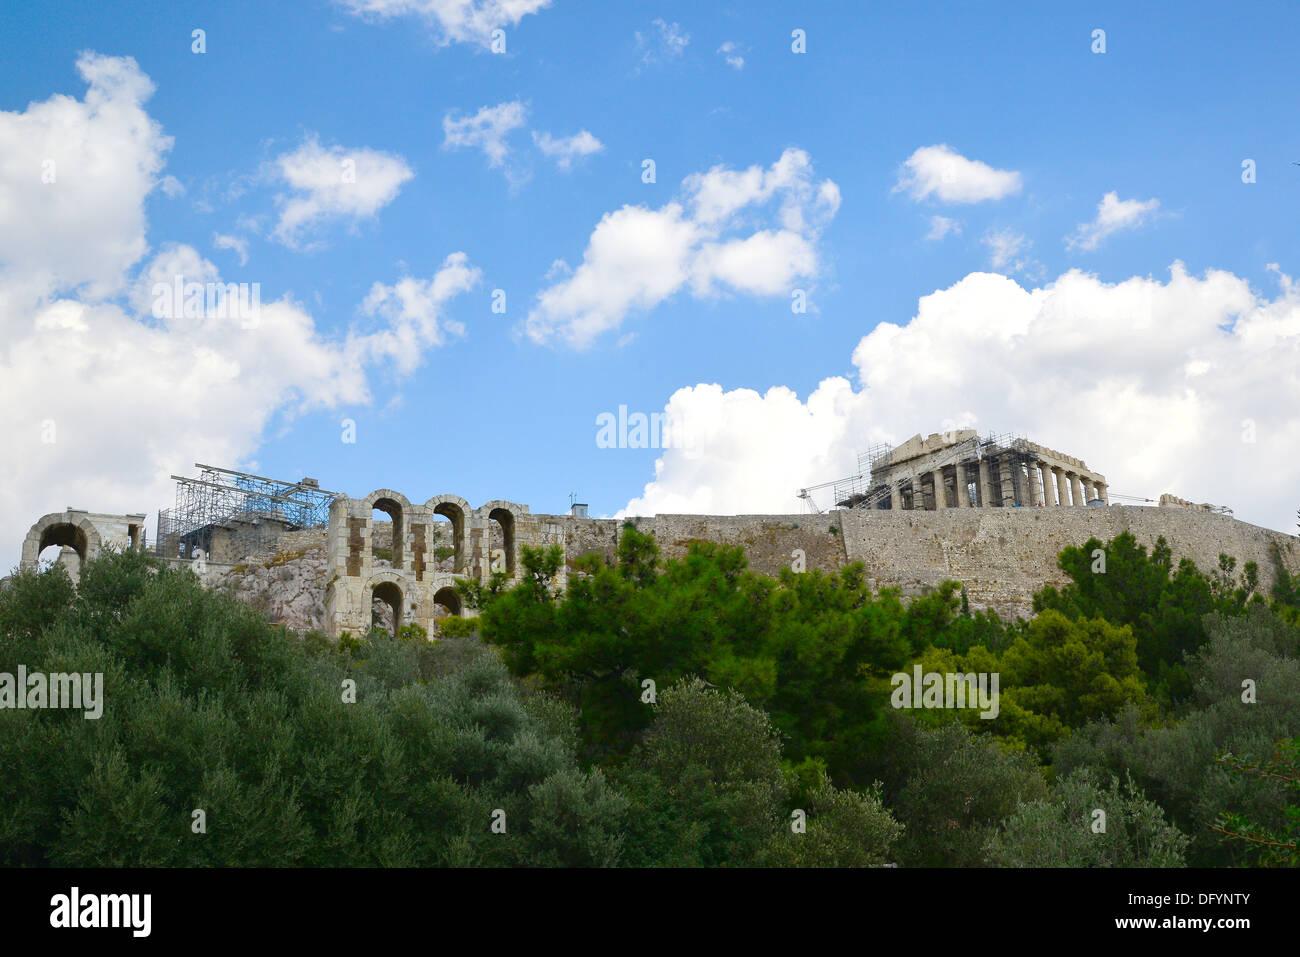 La Roca Sagrada de la Acrópolis de Atenas, Grecia